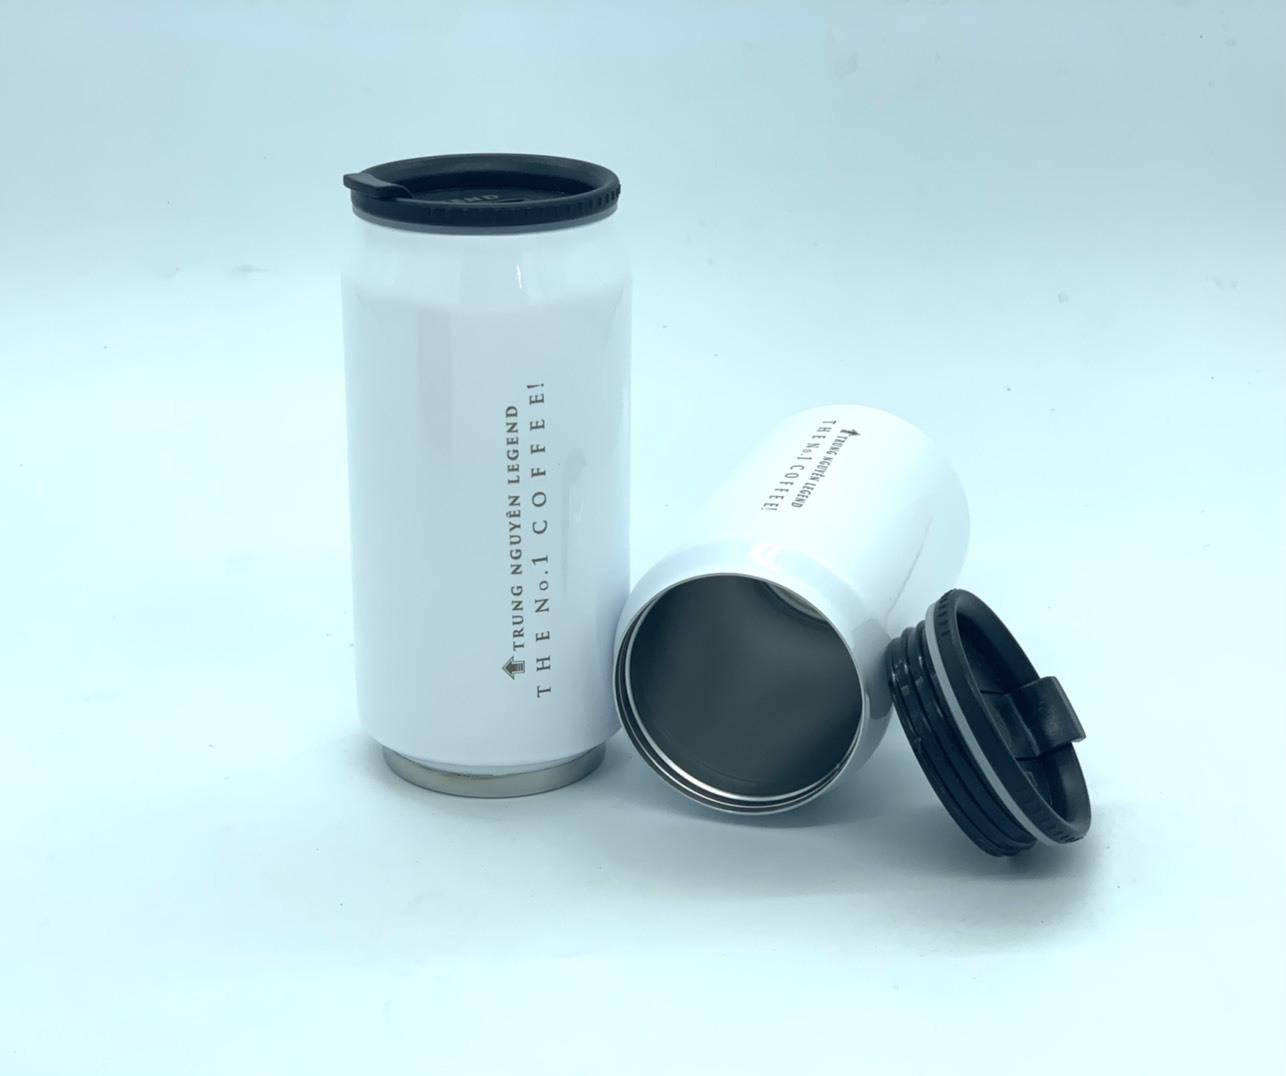 Bình giữ nhiệt cao cấp inox Trung Nguyên Legend - Bình Màu Trắng (350ml)